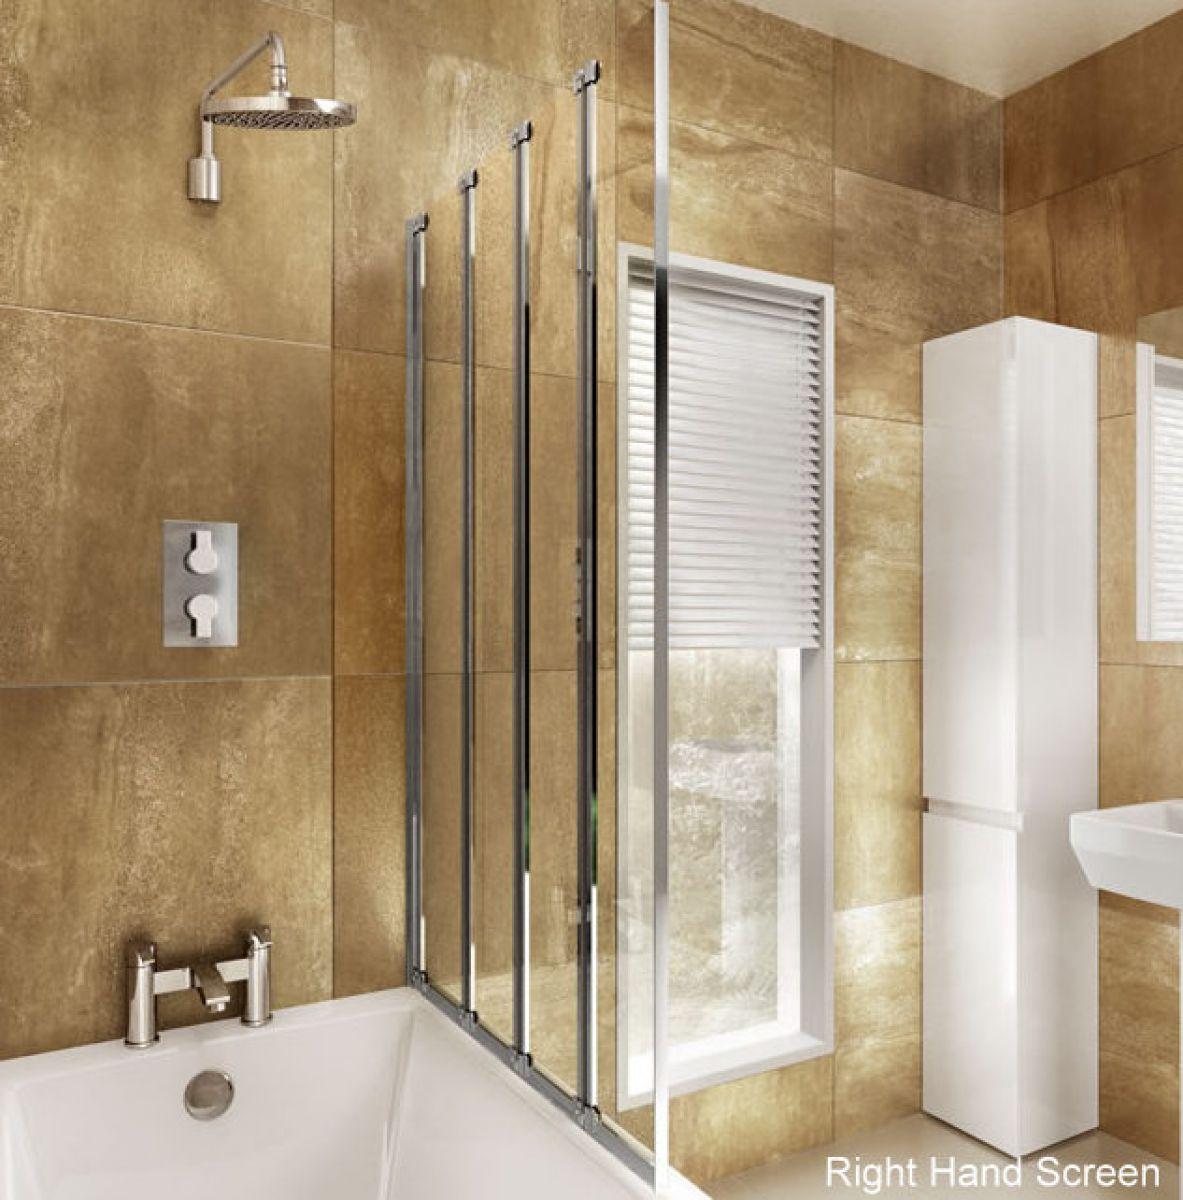 cleargreen hinged bath screen four fold uk bathrooms cleargreen hinged bath screen four fold